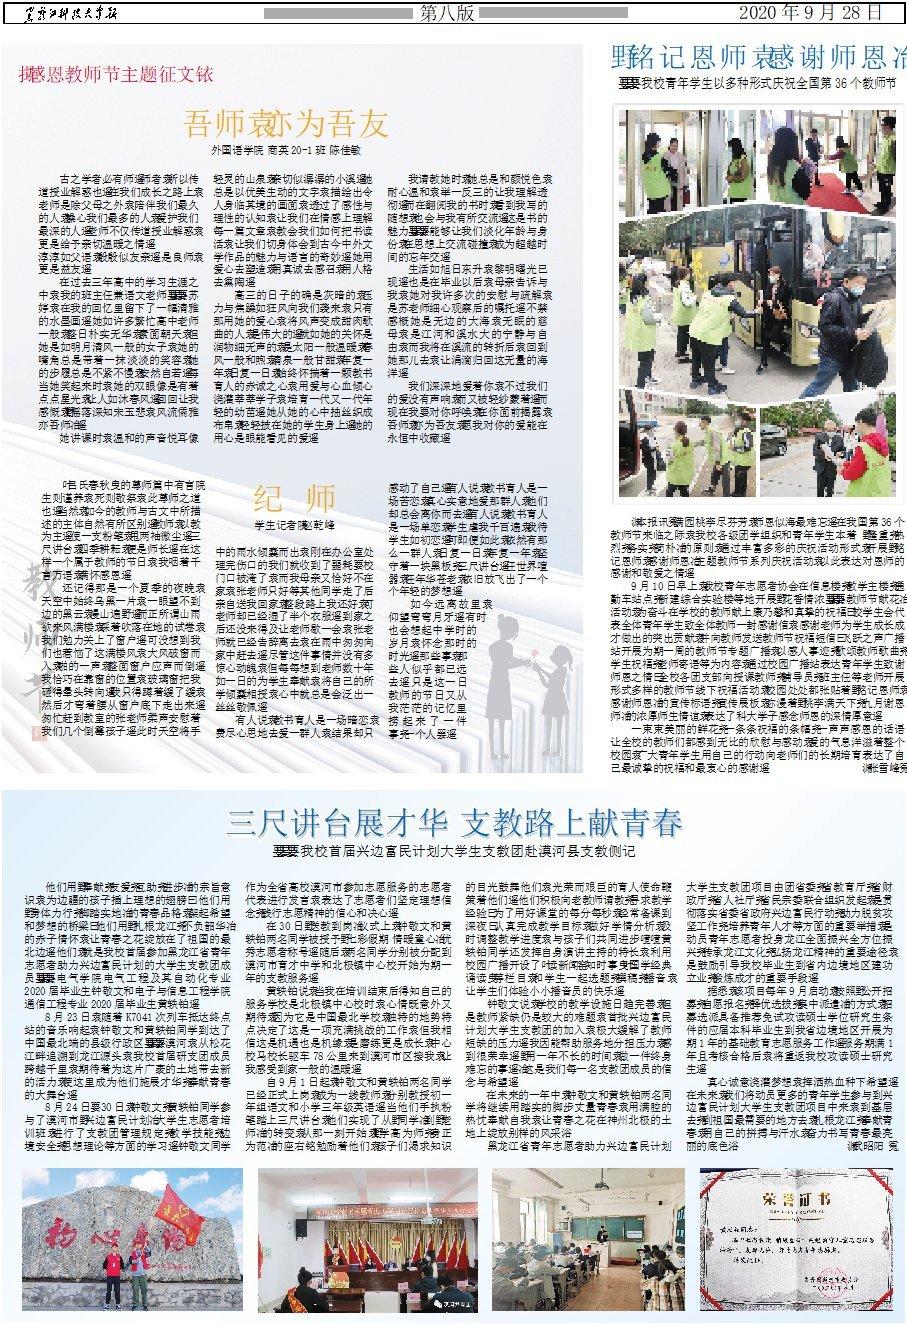 《黑龍江科技大學報》